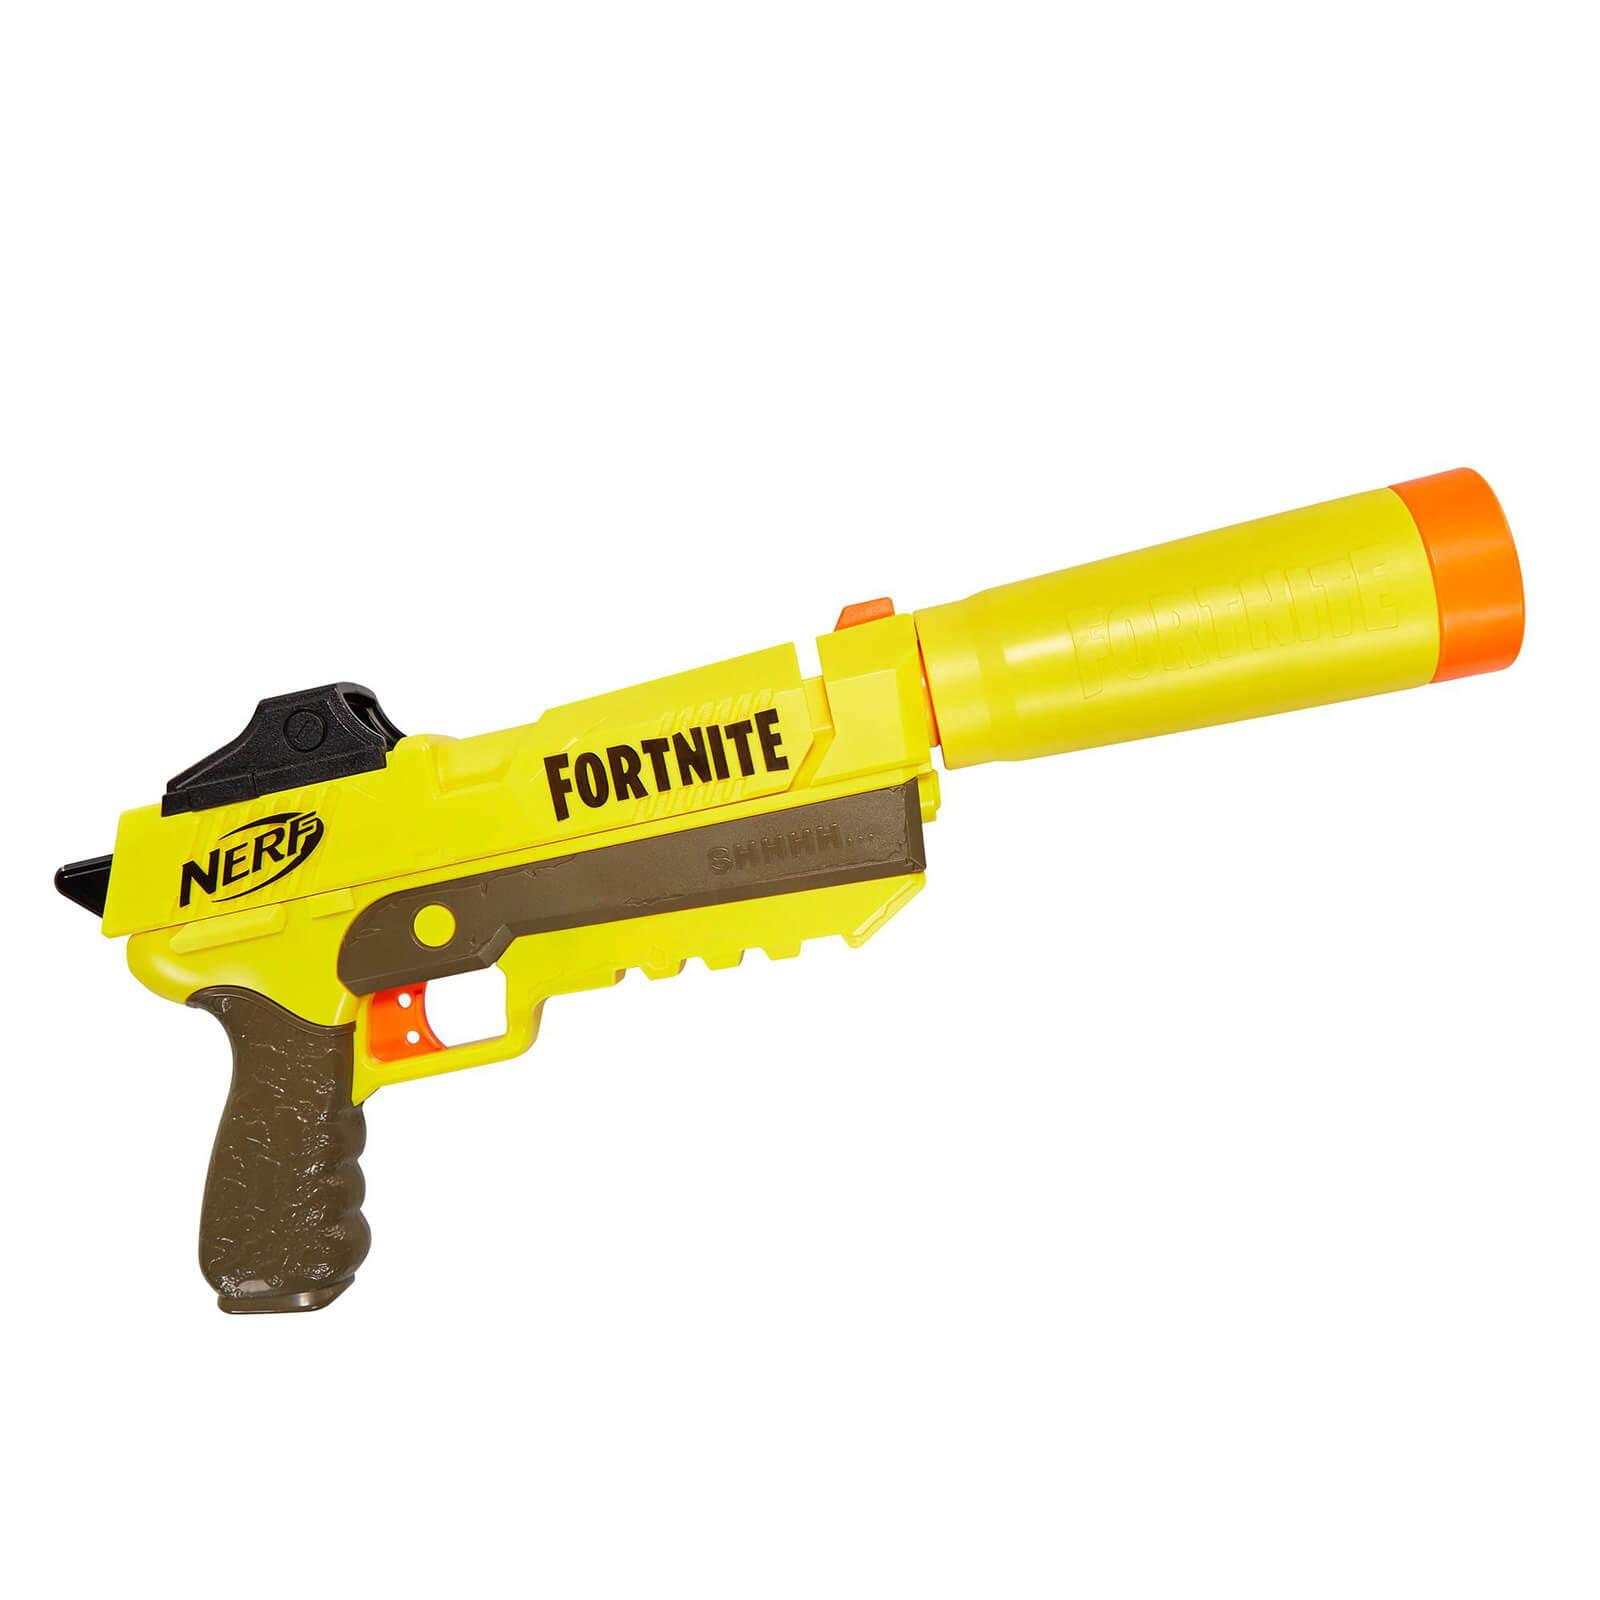 Image of Hasbro Nerf Fortnite SP-L